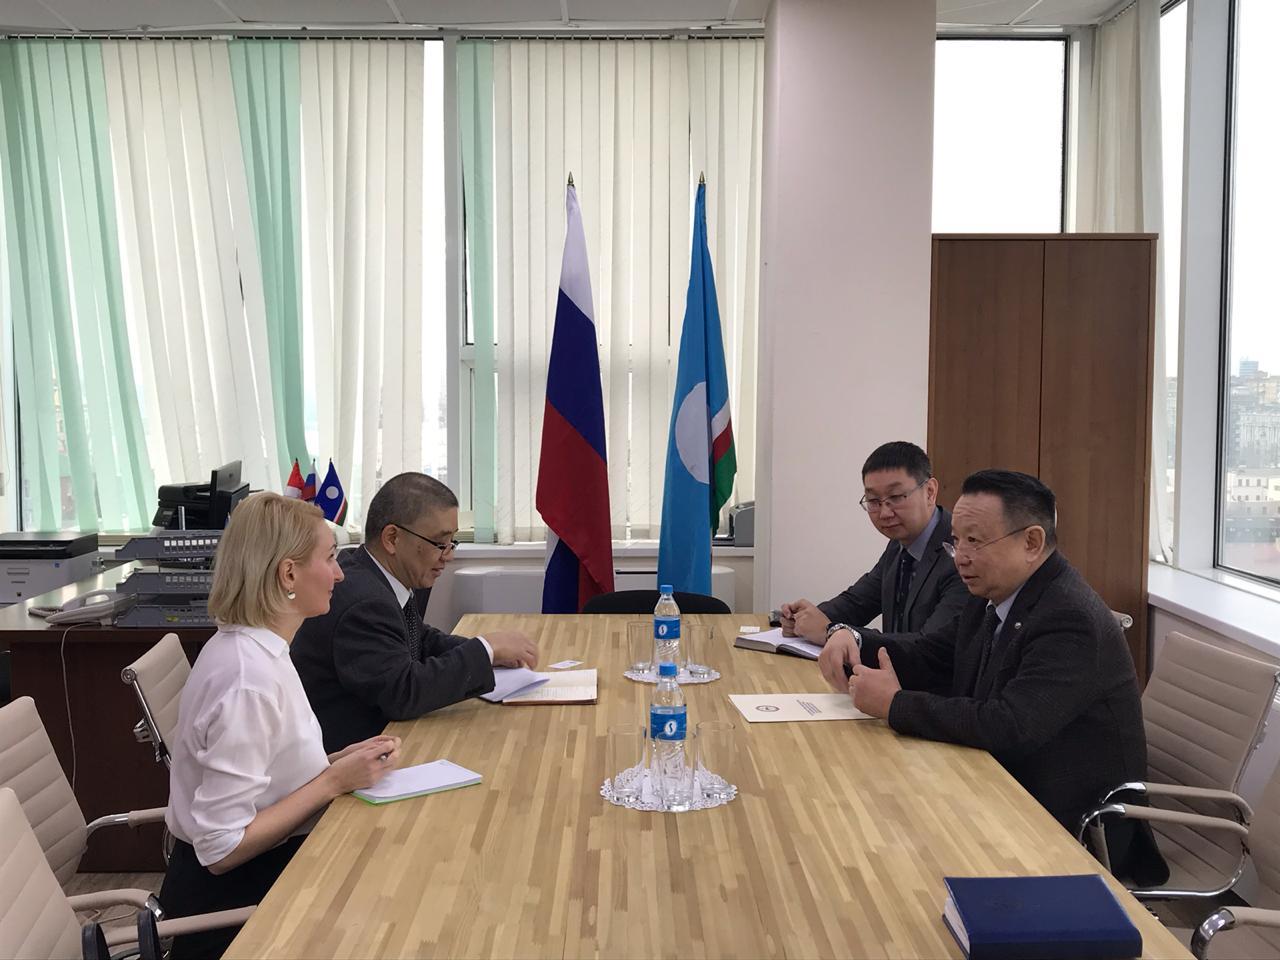 В постпредстве Якутии по ДФО обсудили предстоящий визит делегации «Marubeni Corporation» из Японии